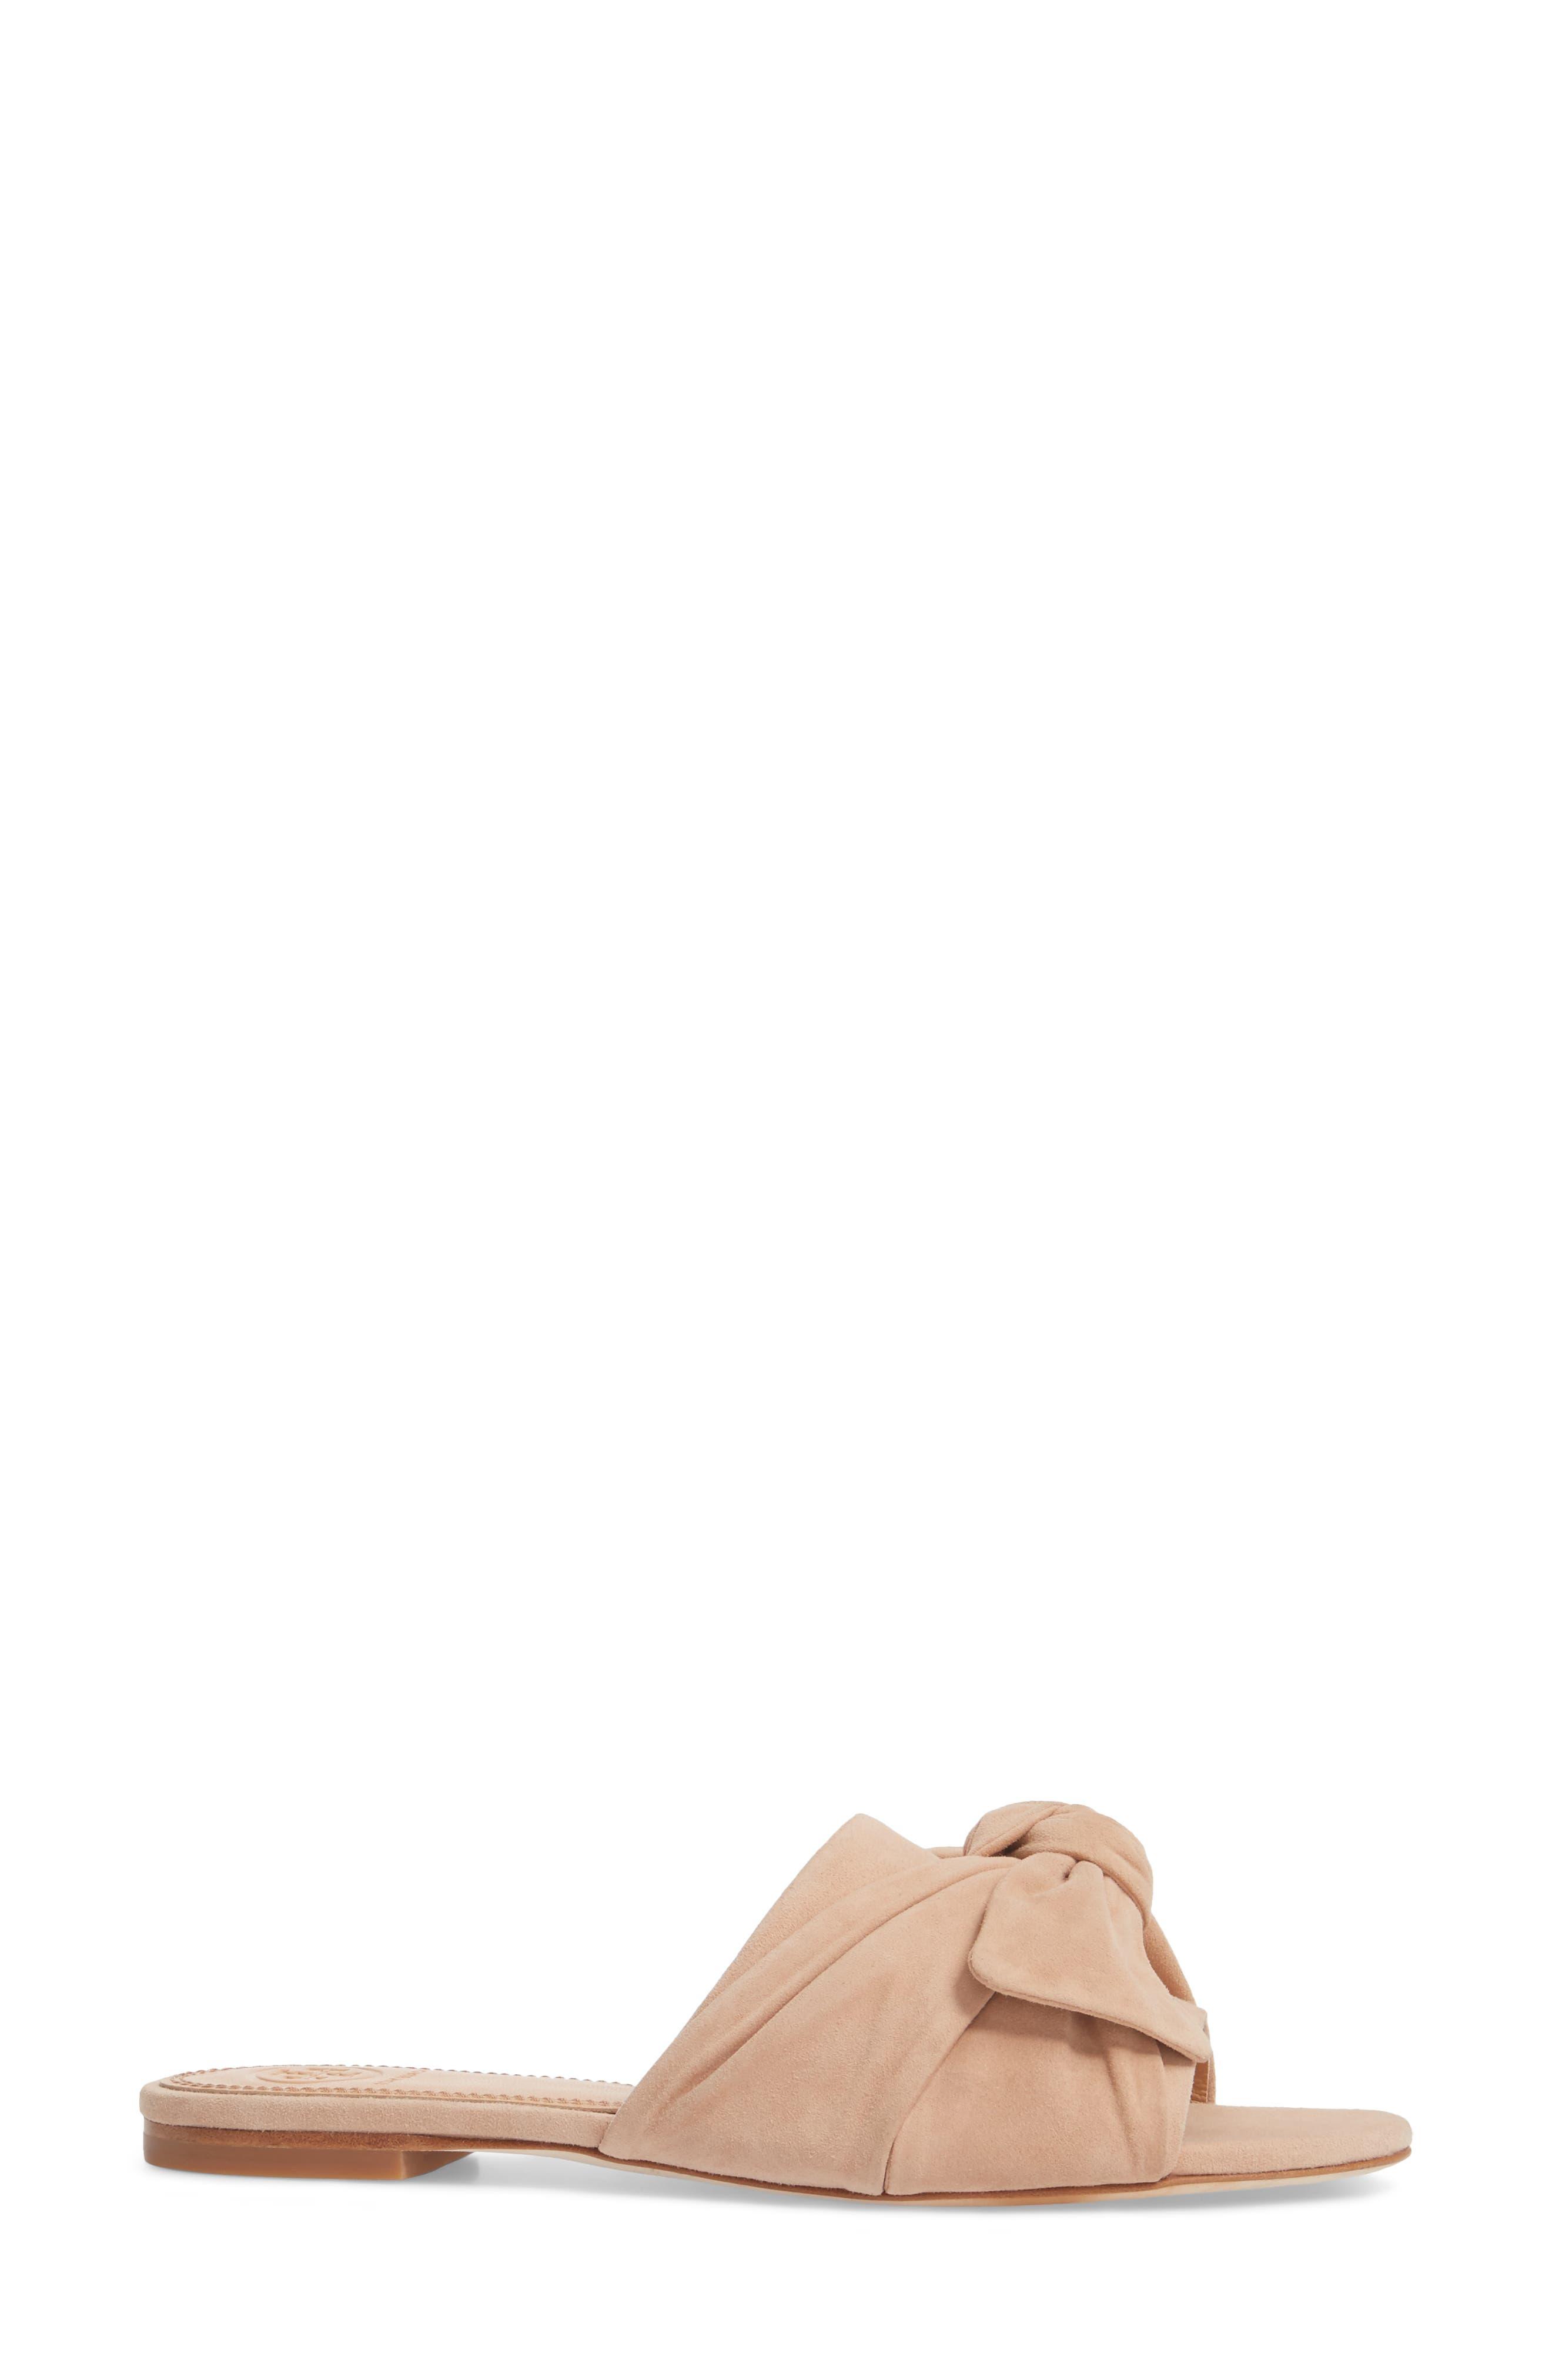 Annabelle Bow Slide Sandal,                             Alternate thumbnail 9, color,